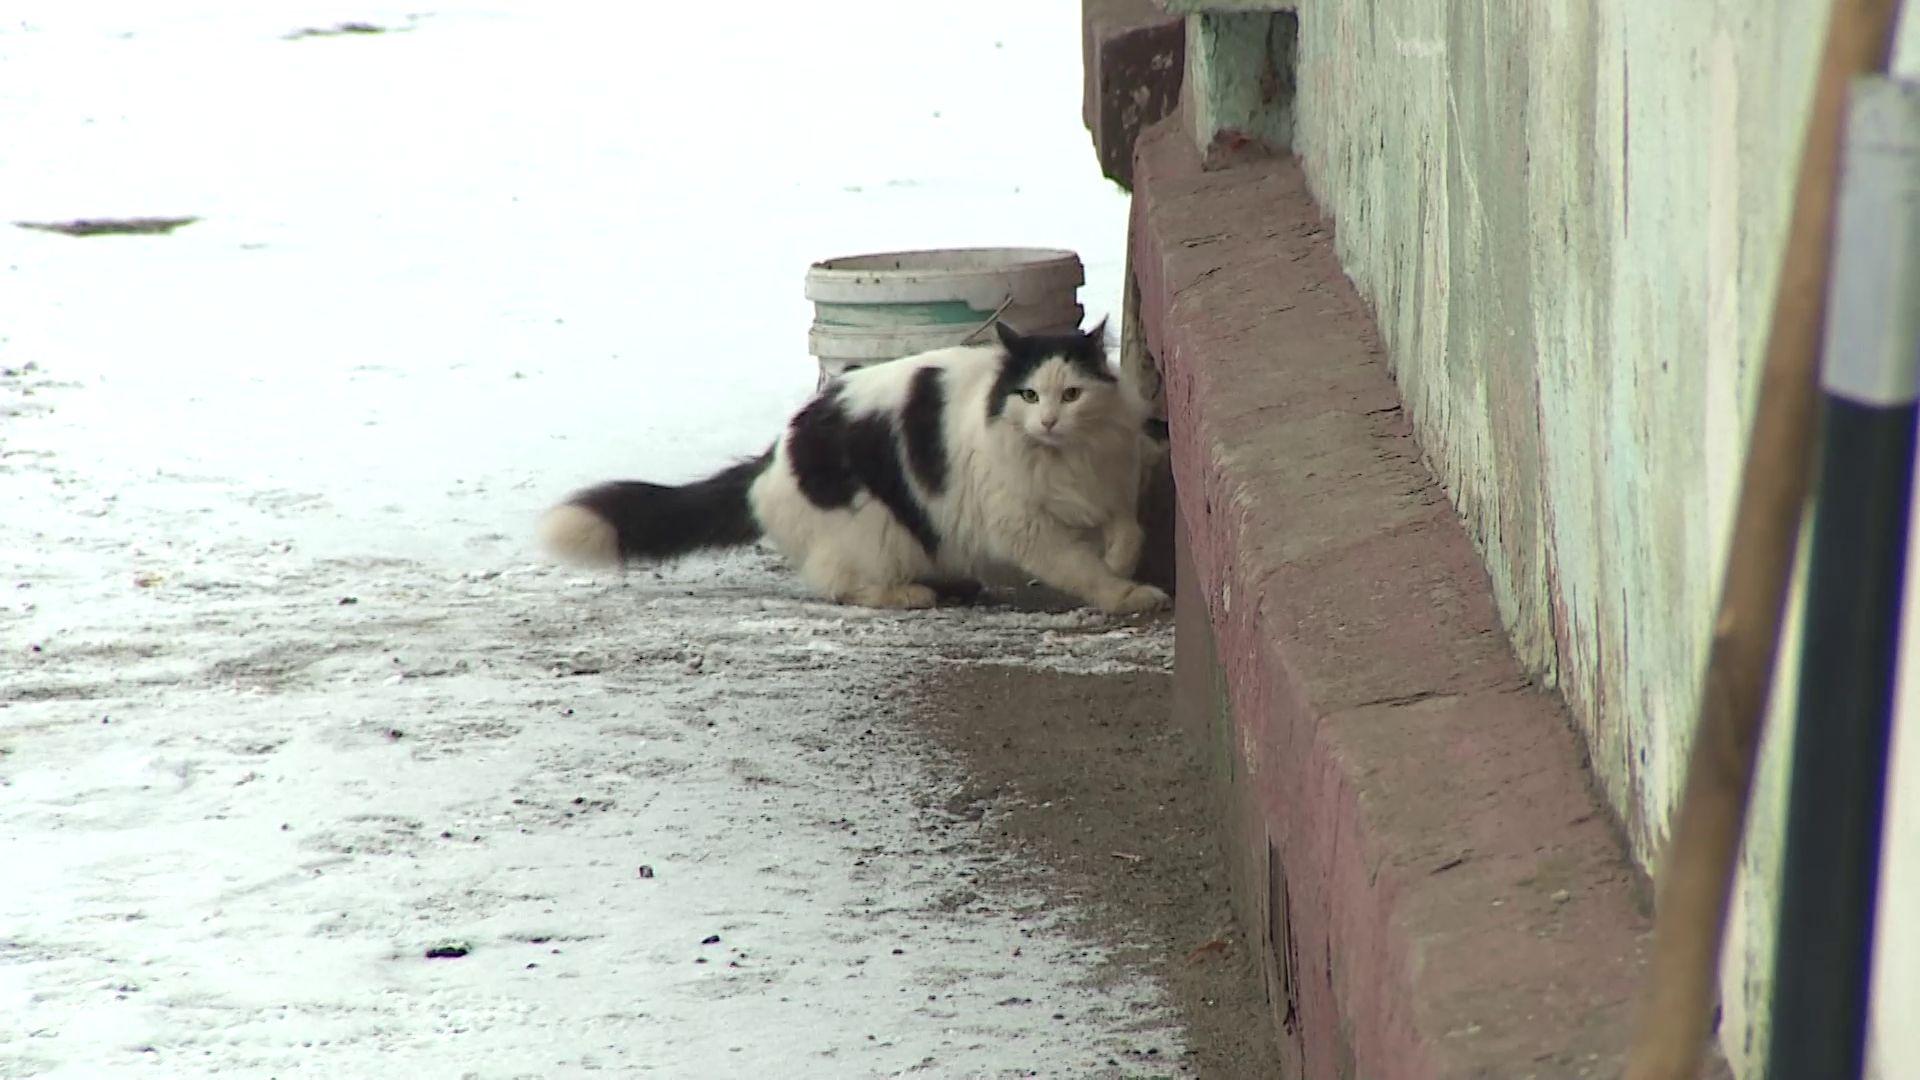 Более ста спасенных животных: ярославна заботится о бездомных собаках и кошках